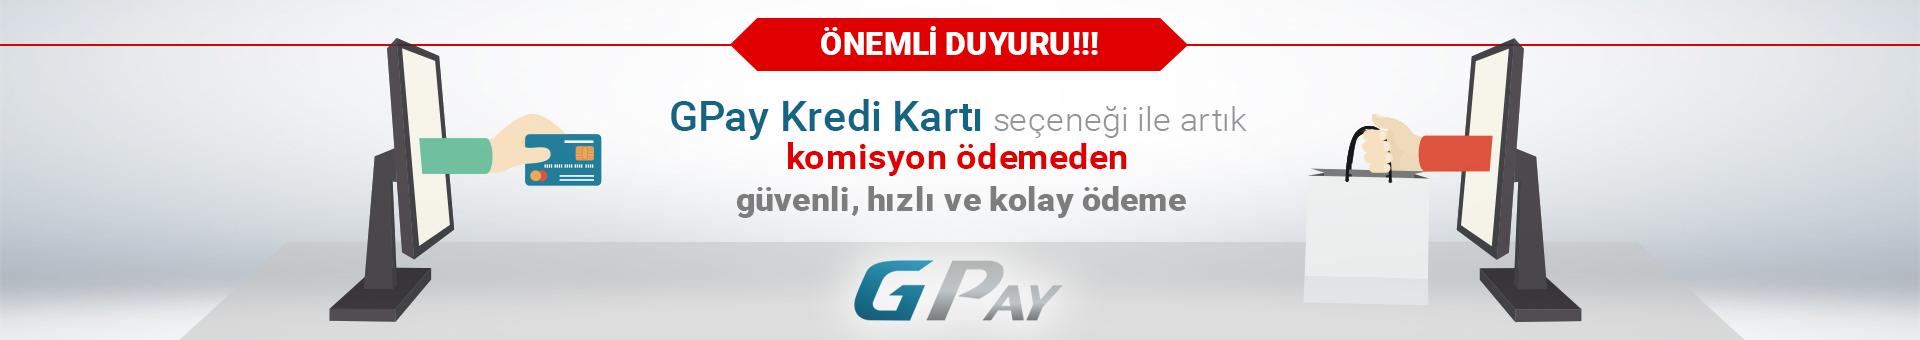 www.gpay.com.tr | Gpay